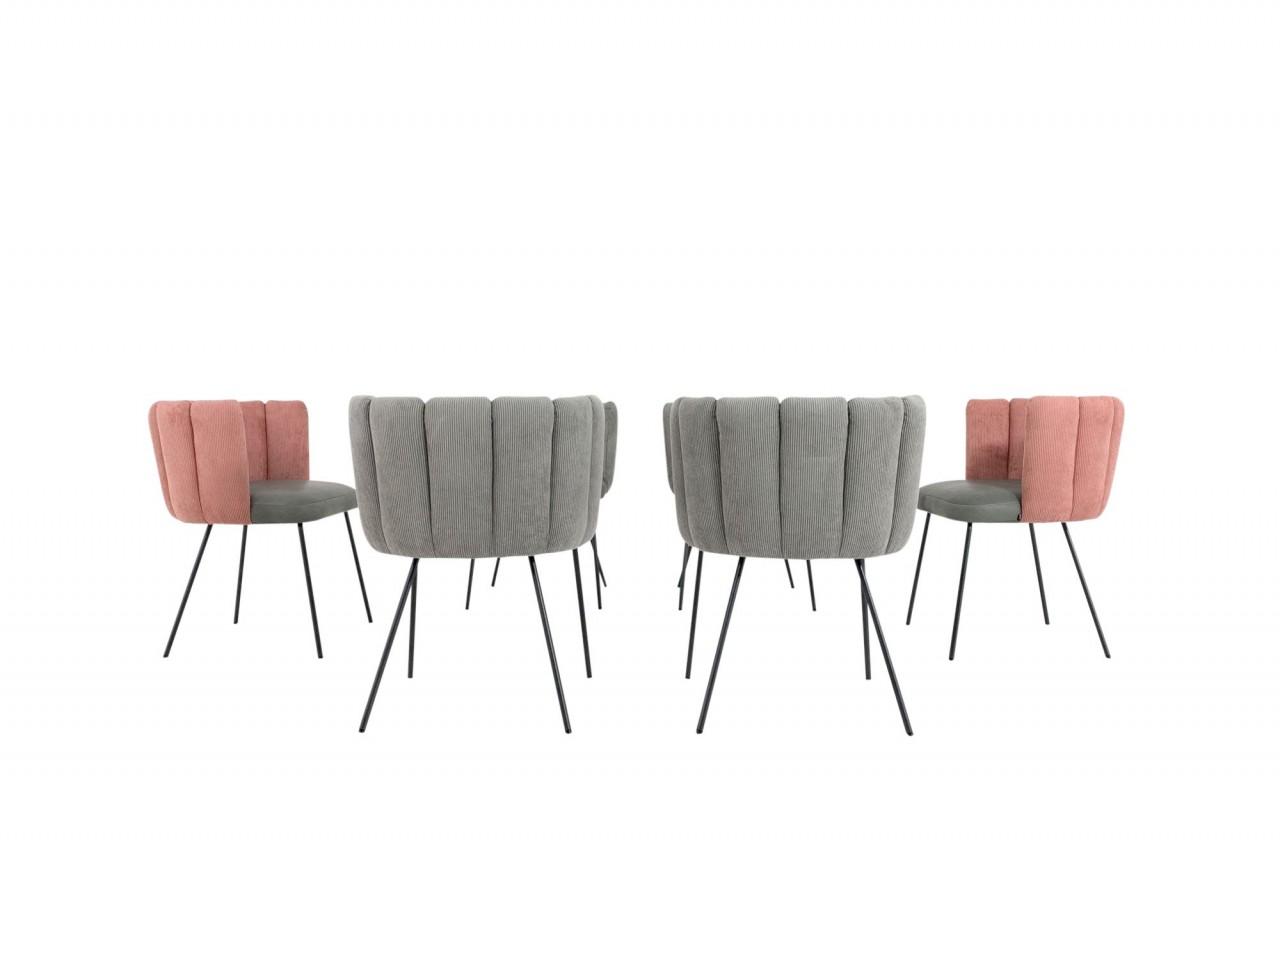 KFF GAIA Stühle in stylischem Kordstoff- Leder Mix grau und rosé im 6er Set mit mit Vier-Fuß Gestell